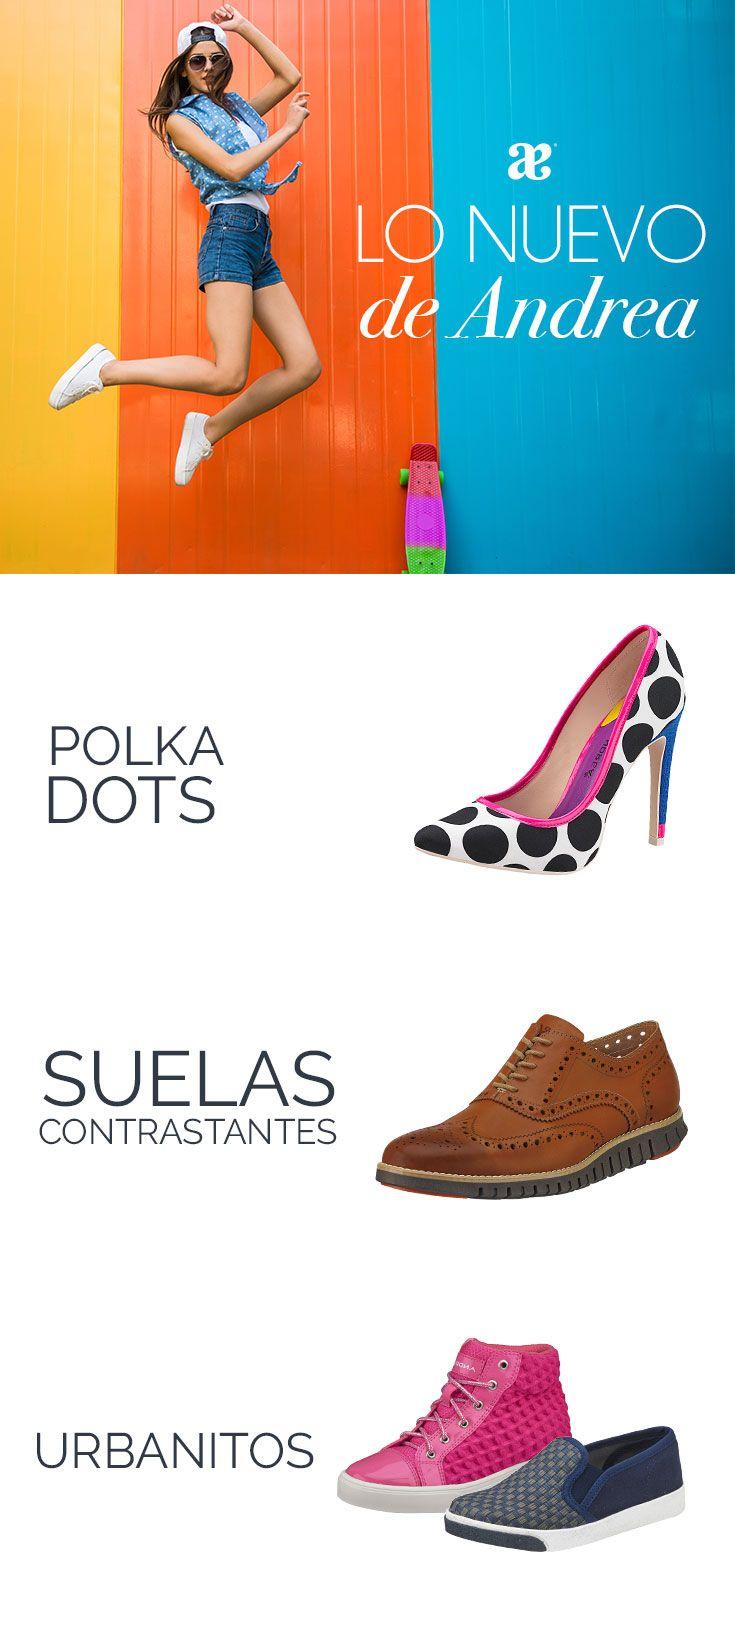 LO NUEVO DE ANDREA. Descubre cuáles son las tendencias de #calzado que no puedes perderte en la temporada #Primavera 2016.